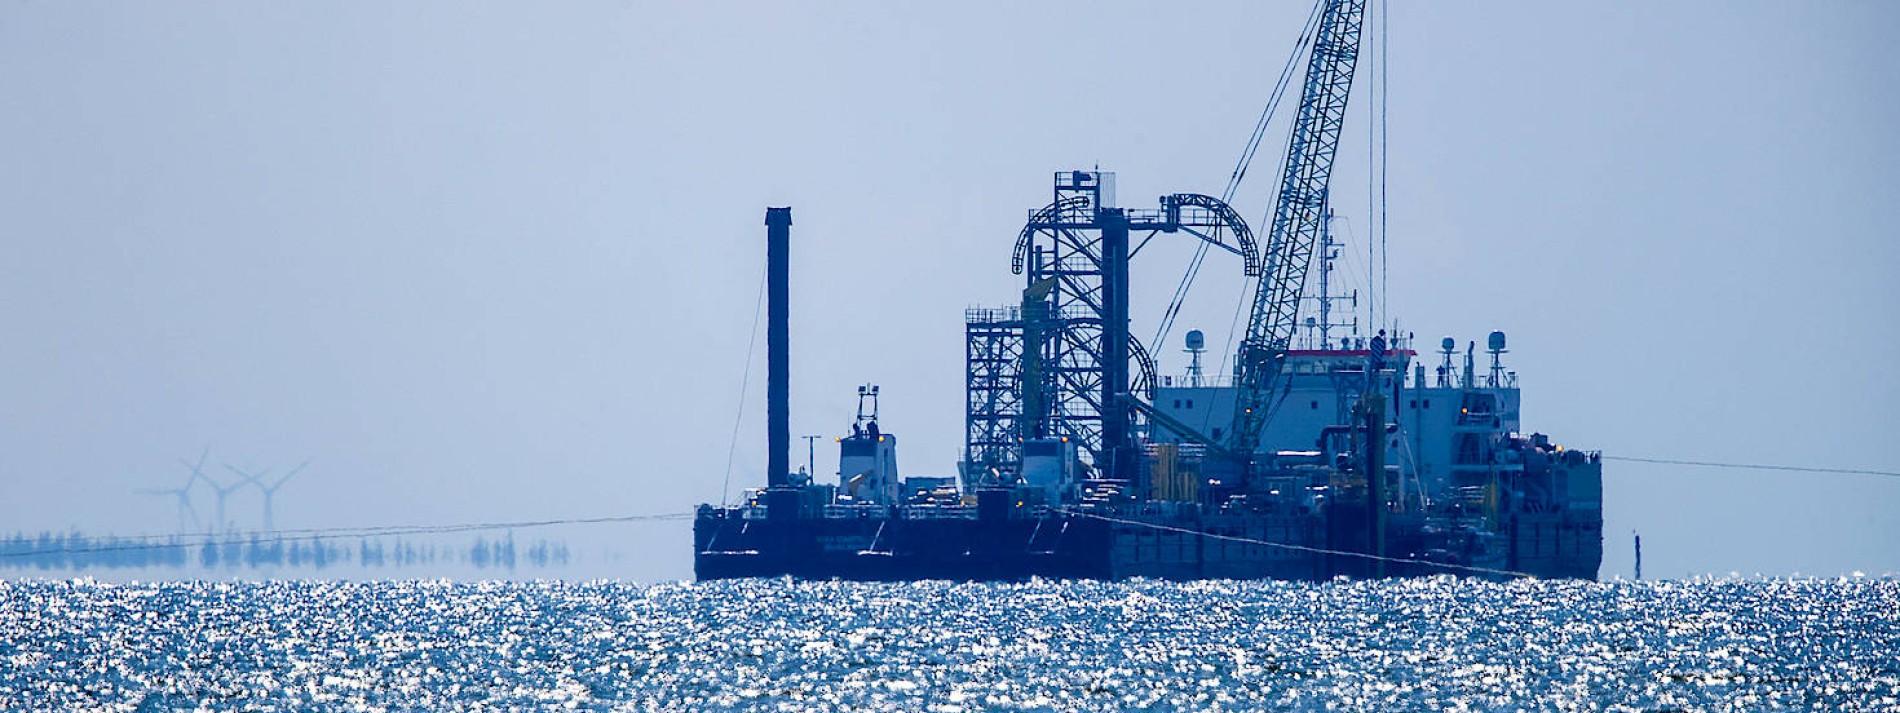 Dänemark macht Weg für letztes Stück Pipeline frei